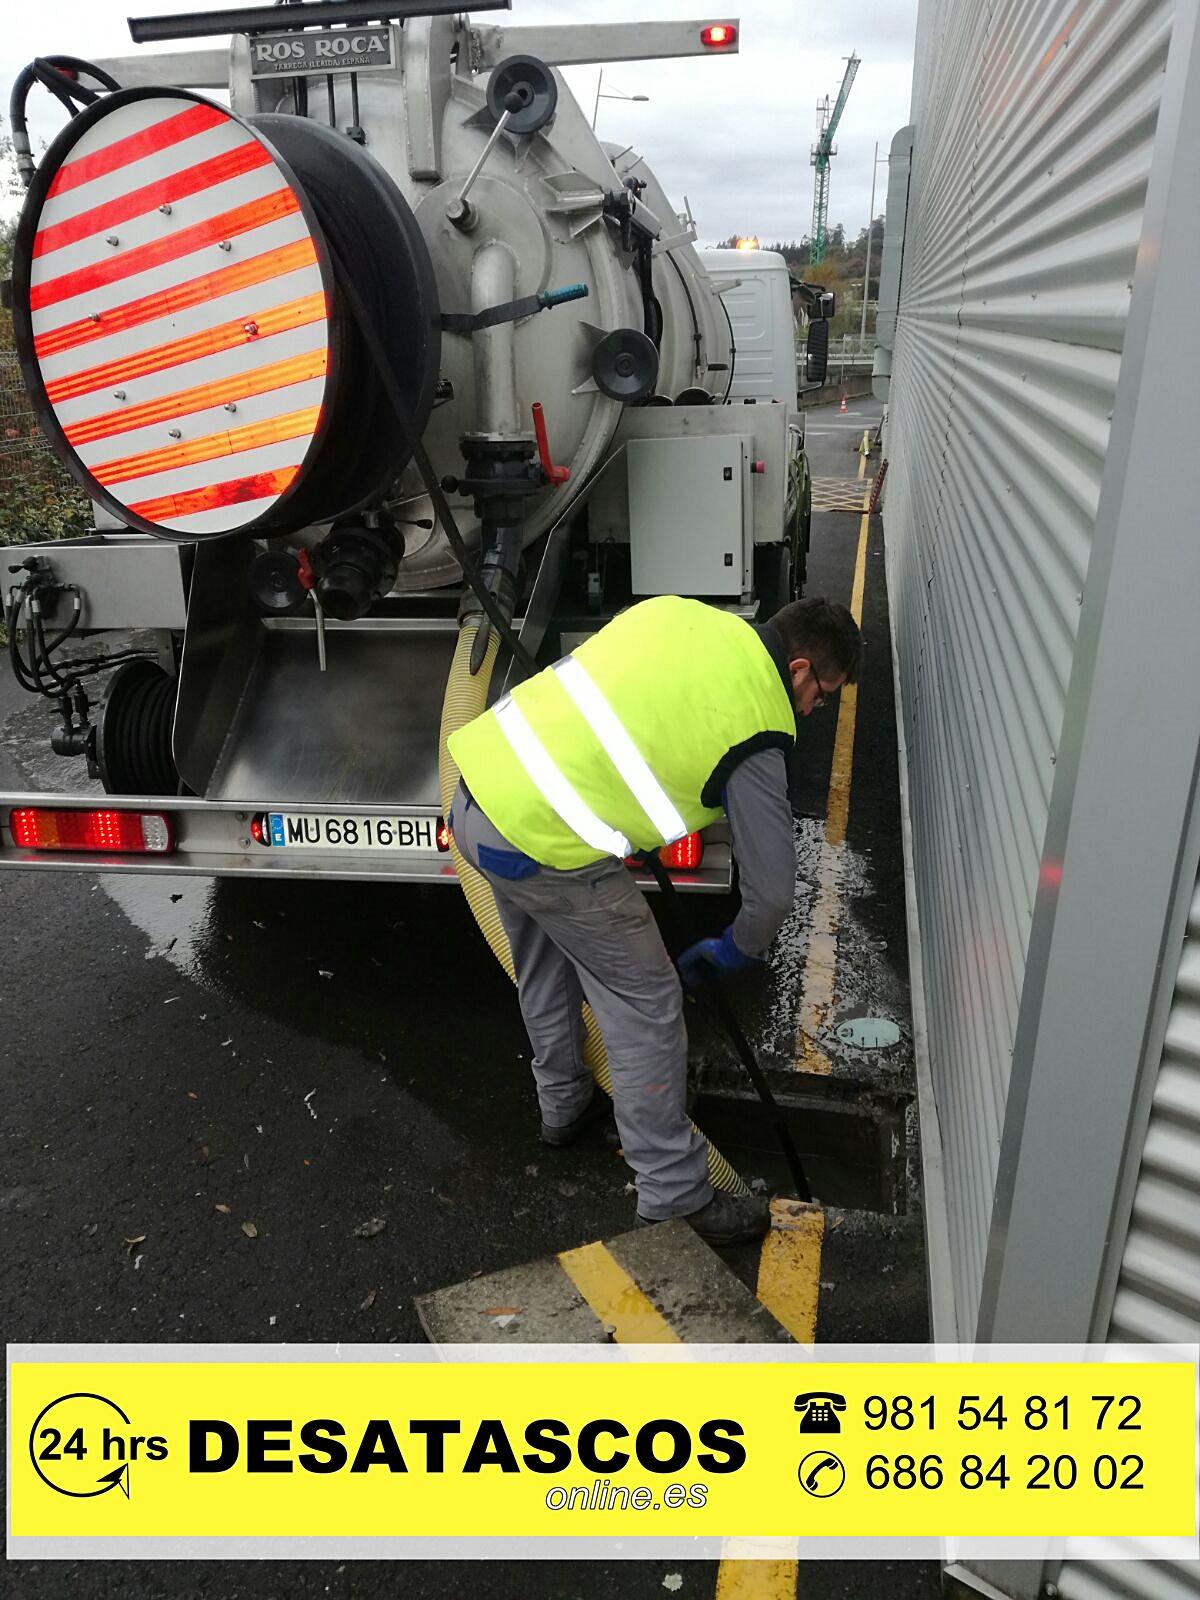 Hombre realizando una limpieza de fosas sépticas